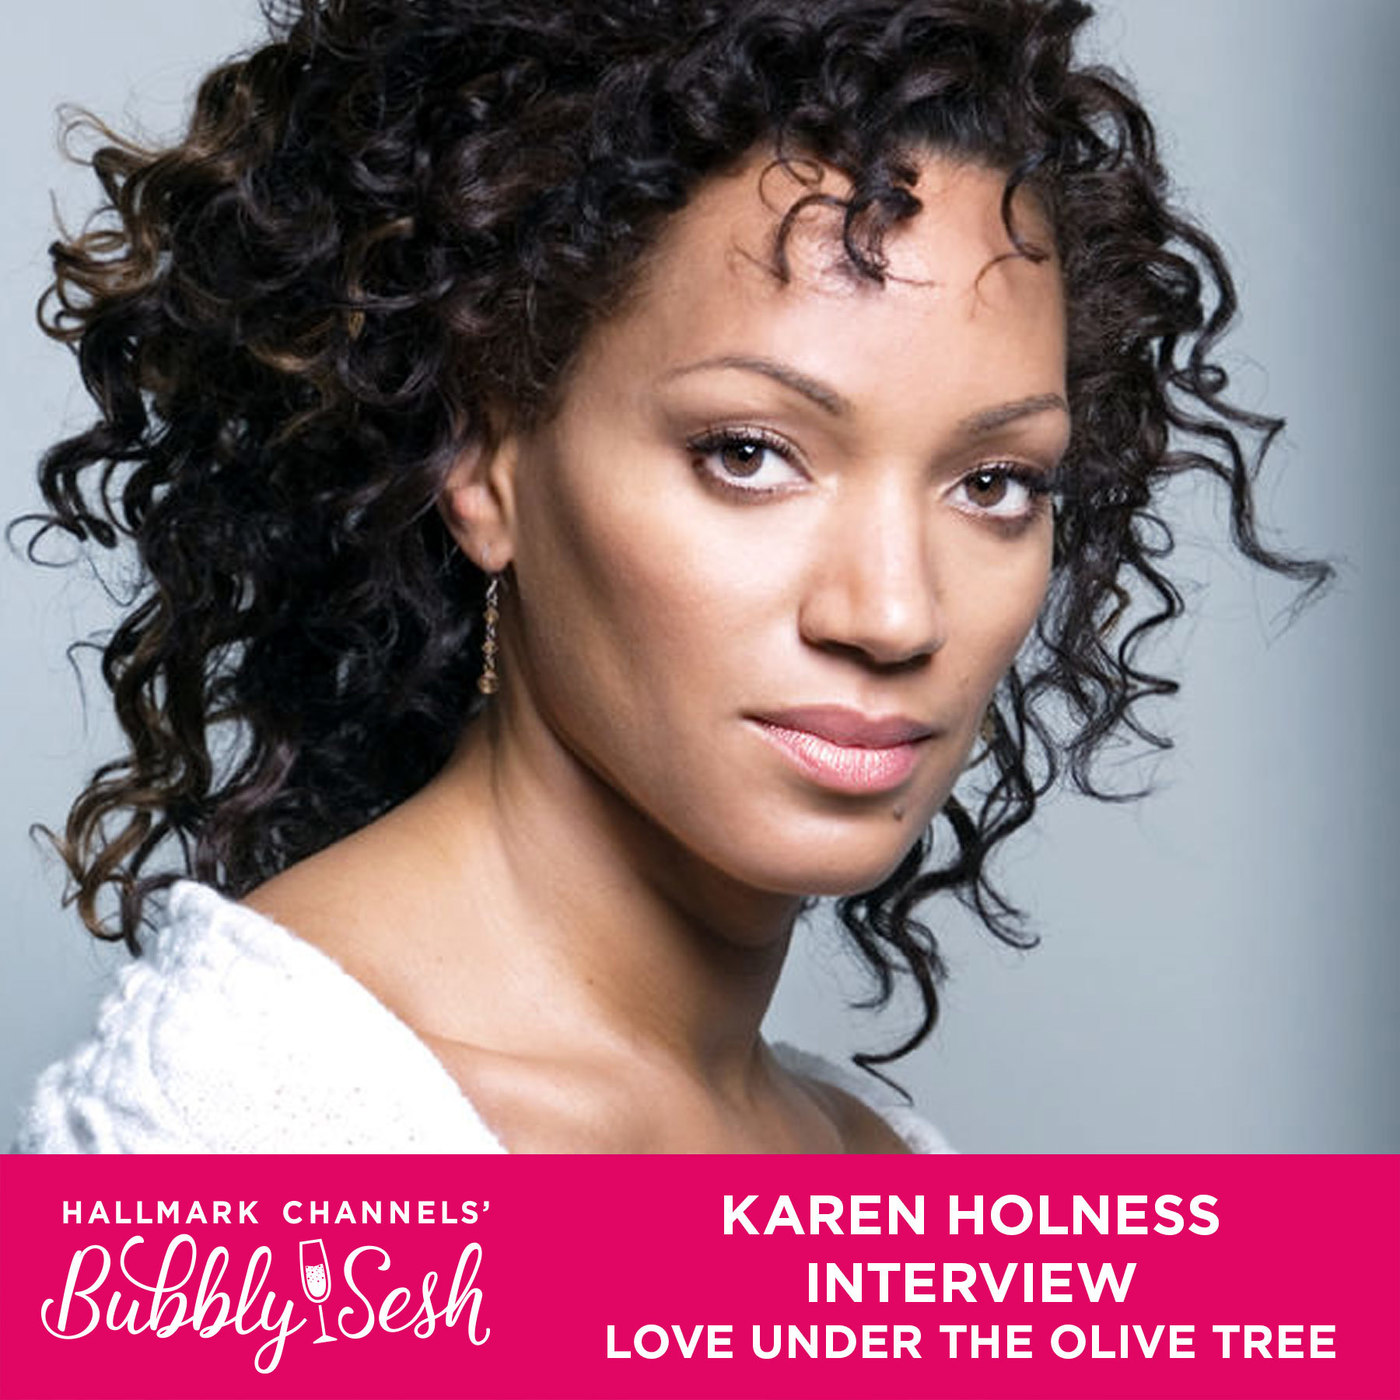 Karen Holness Interview